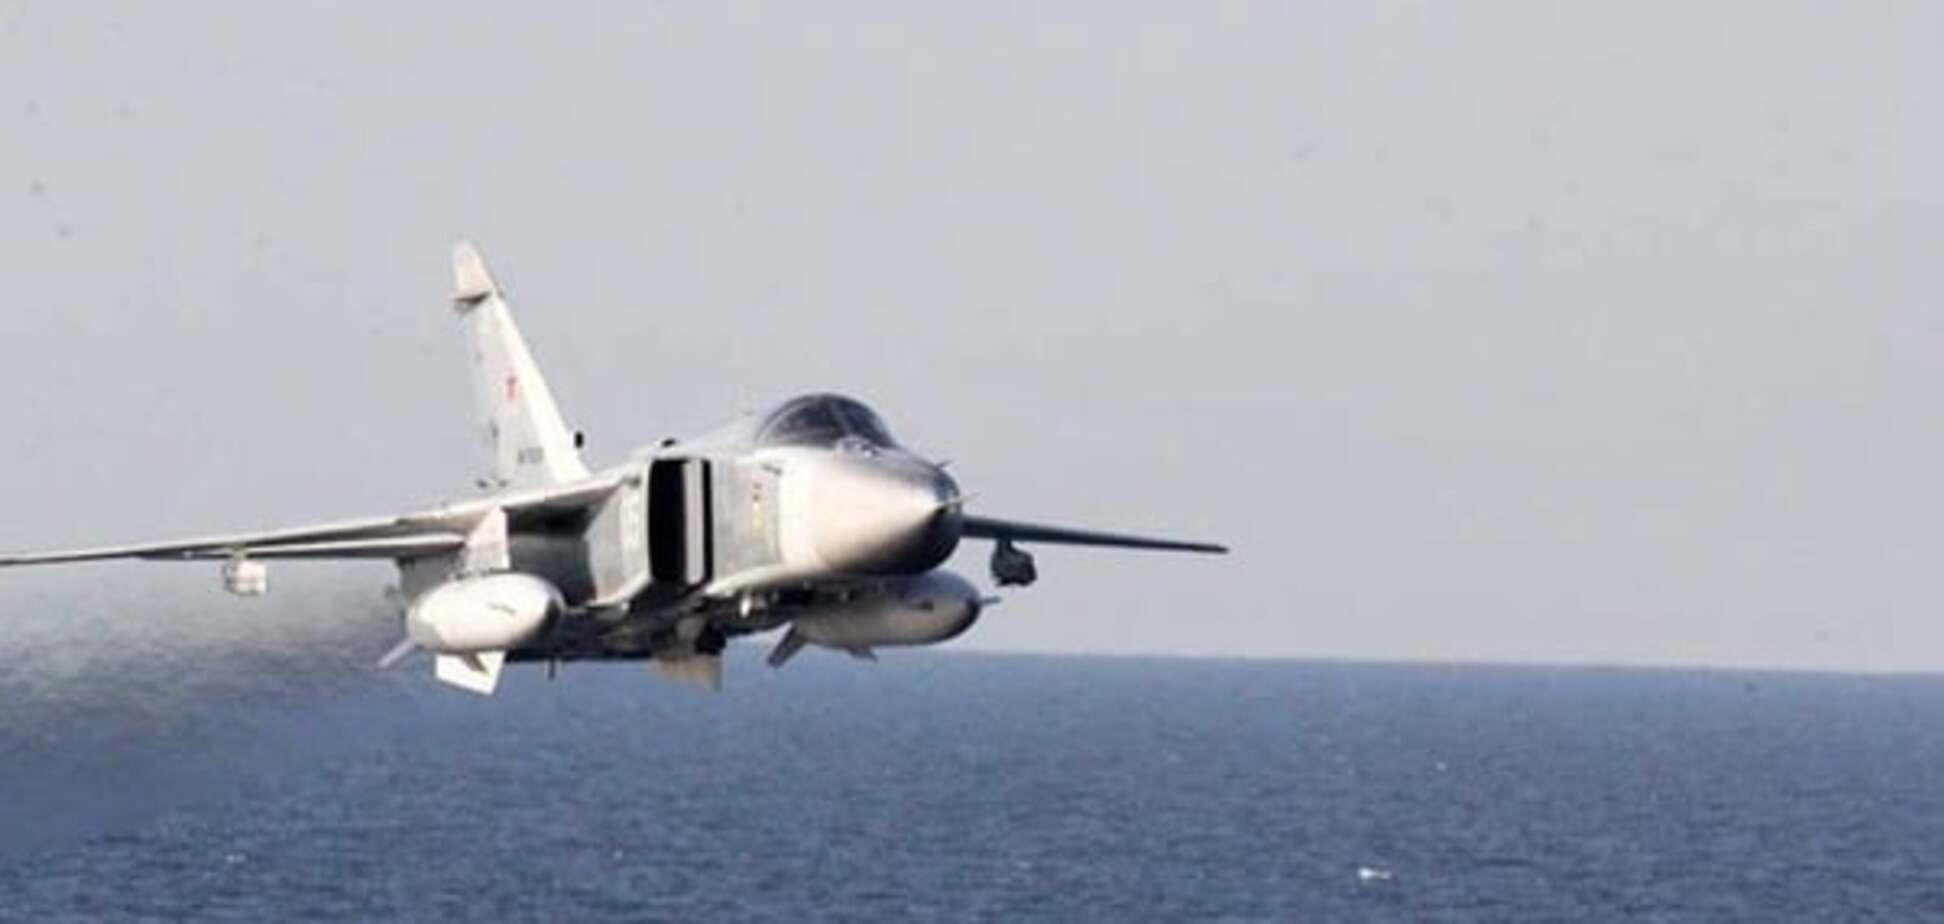 Угрожали артиллерией: российский Су-24 и корабли пошли на провокацию против Украины в Черном море